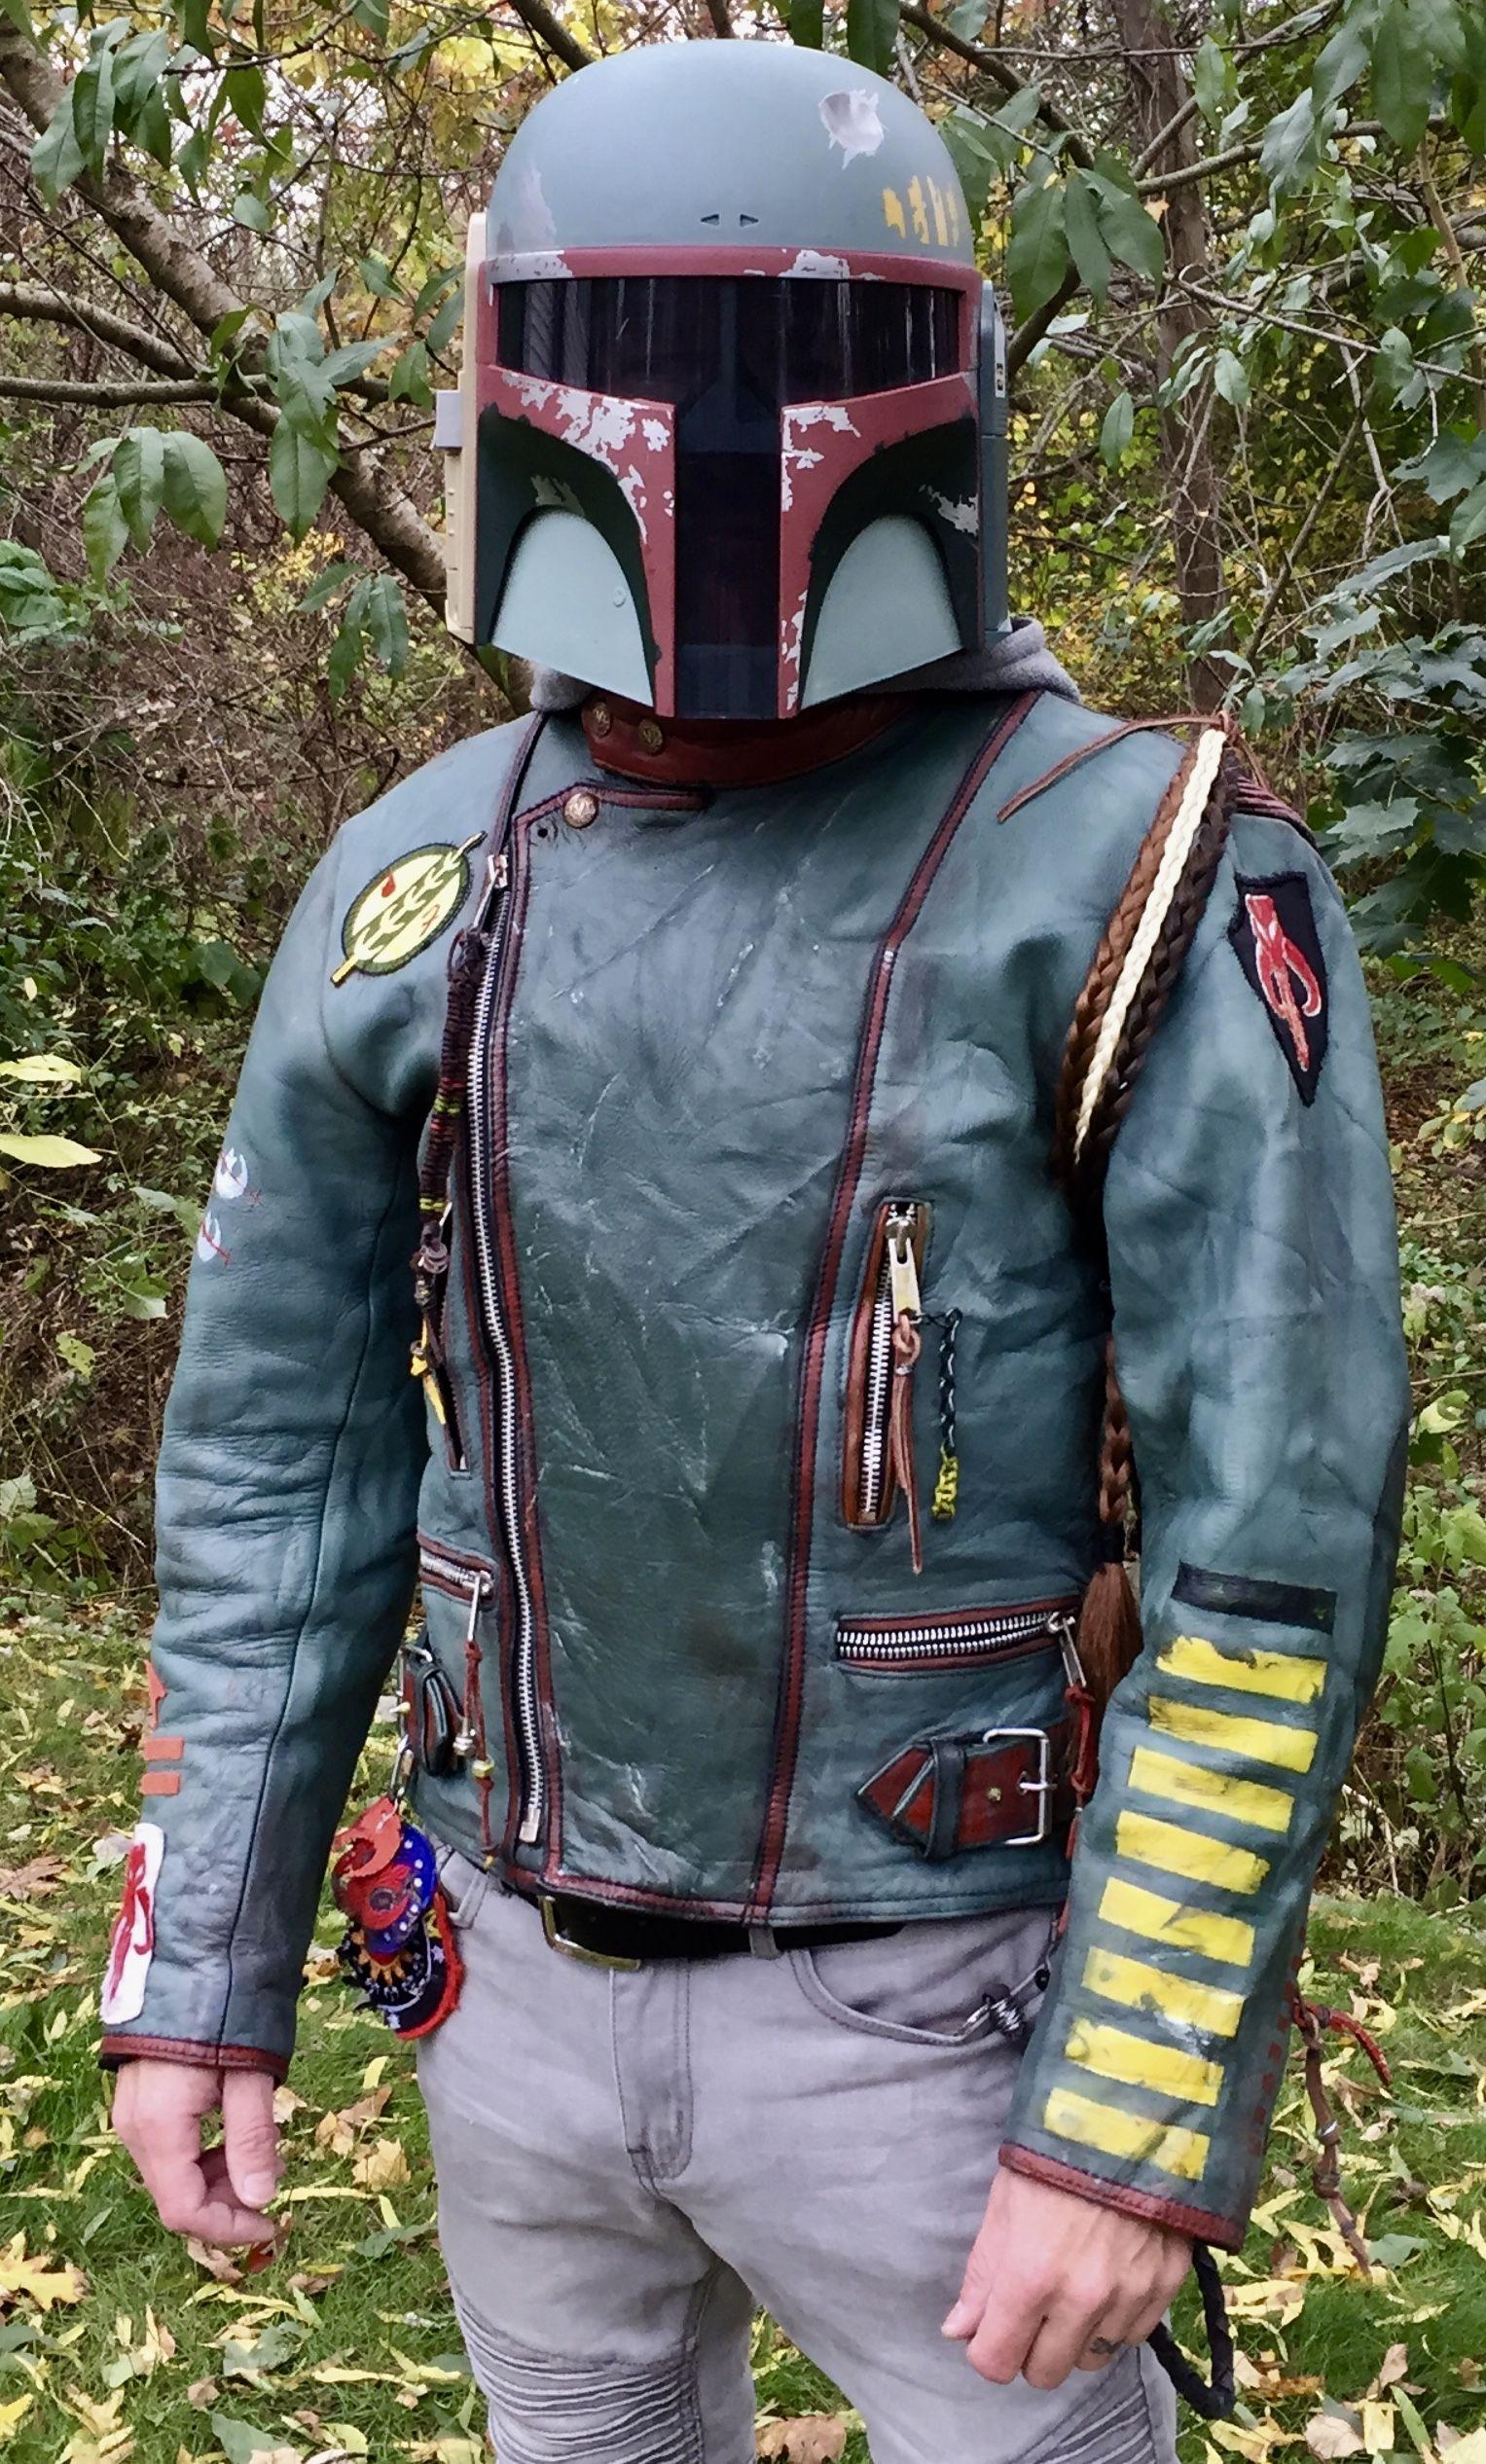 Pin By Binky W On Star Wars Star Wars Bounty Hunter Star Wars Boba Fett Jacket Art